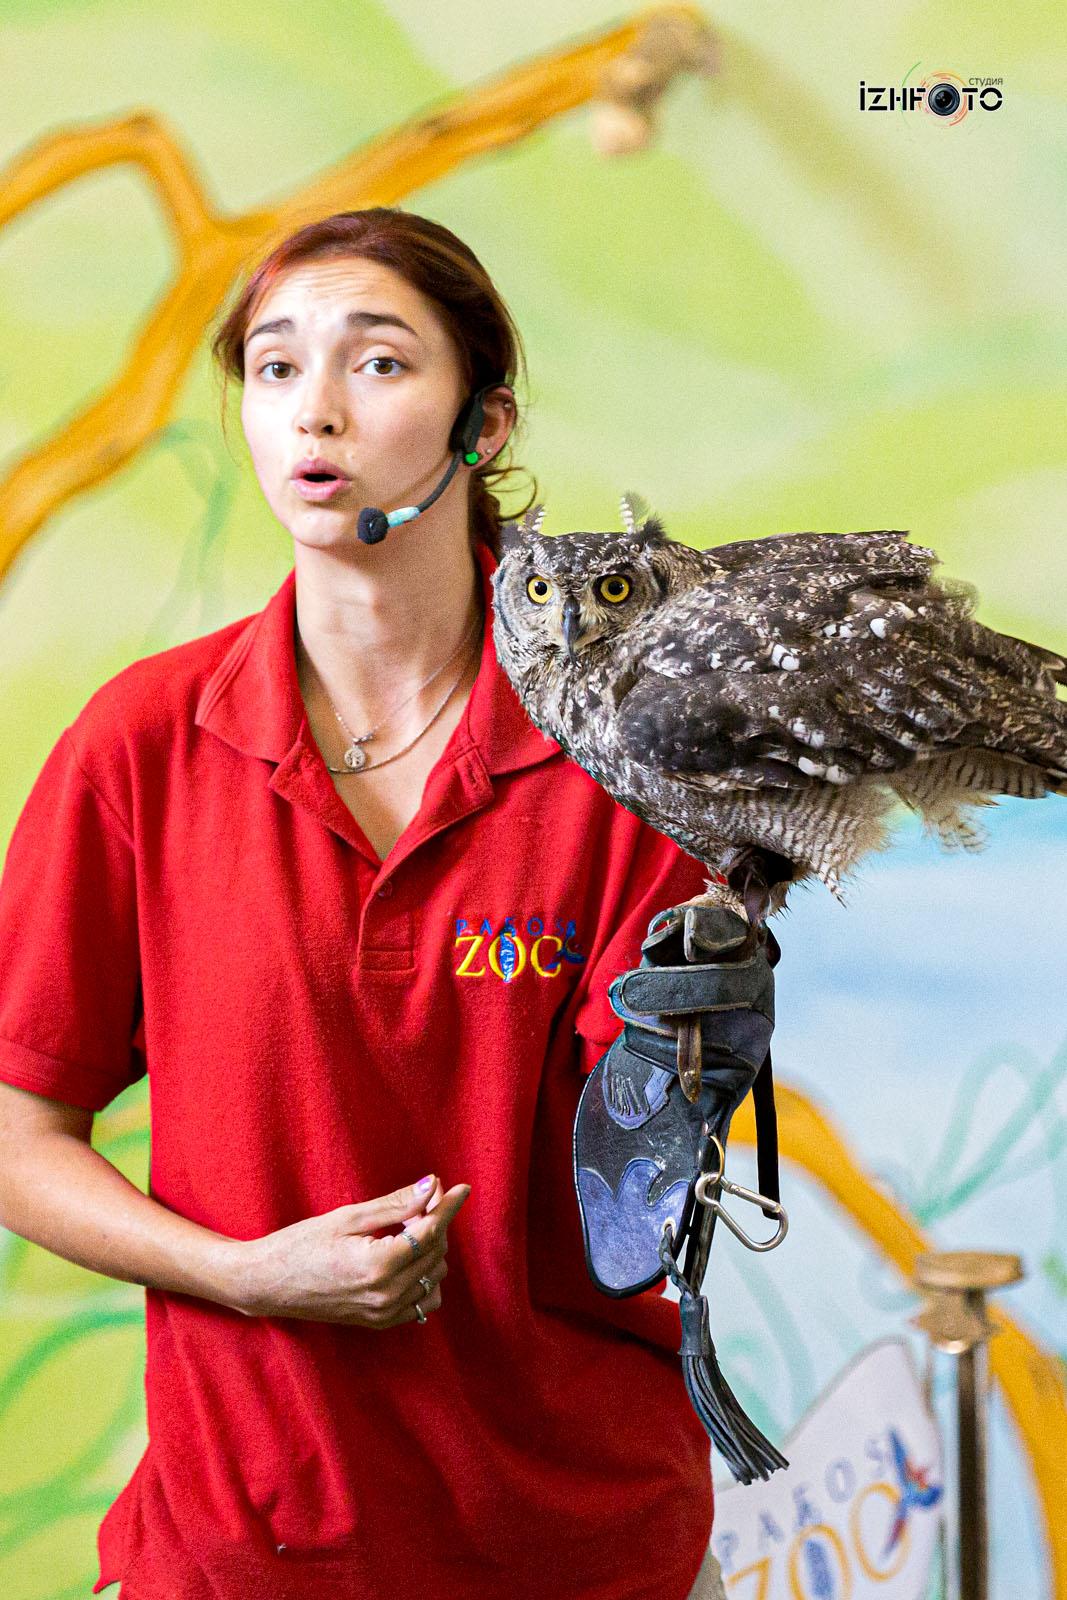 Фото из зоопарка на Кипре